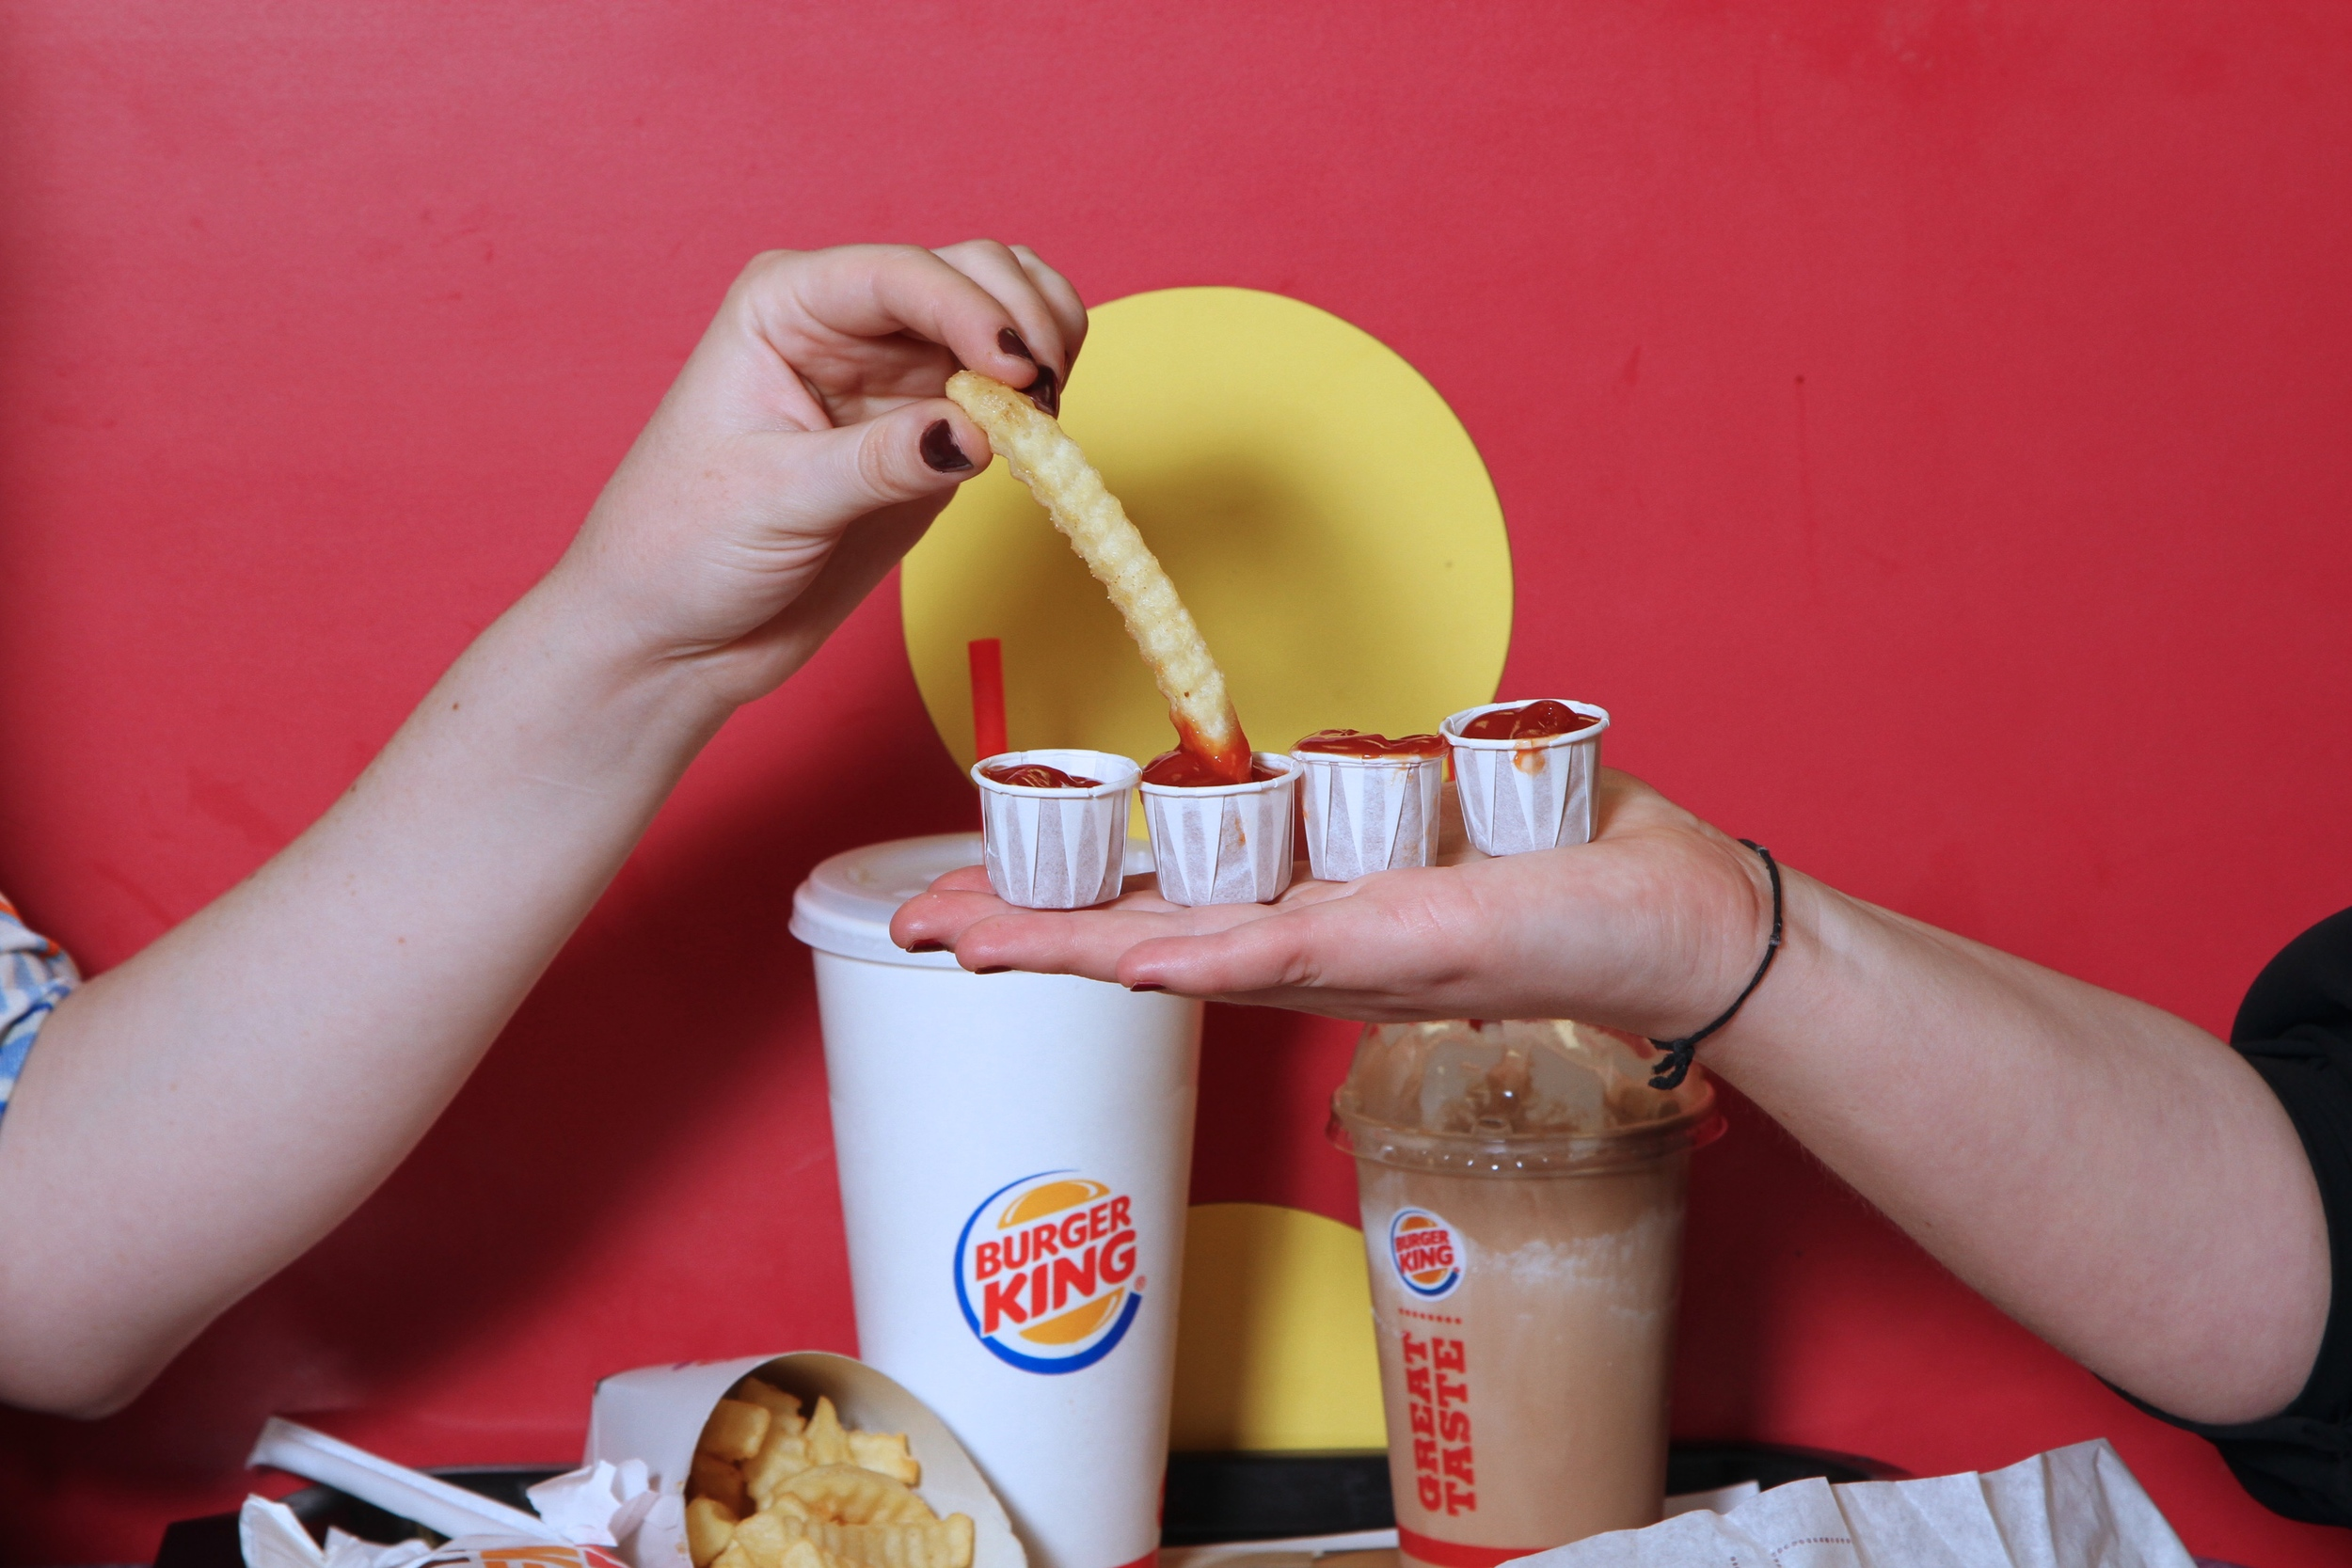 Oh, we ALWAYS quadruple dip.